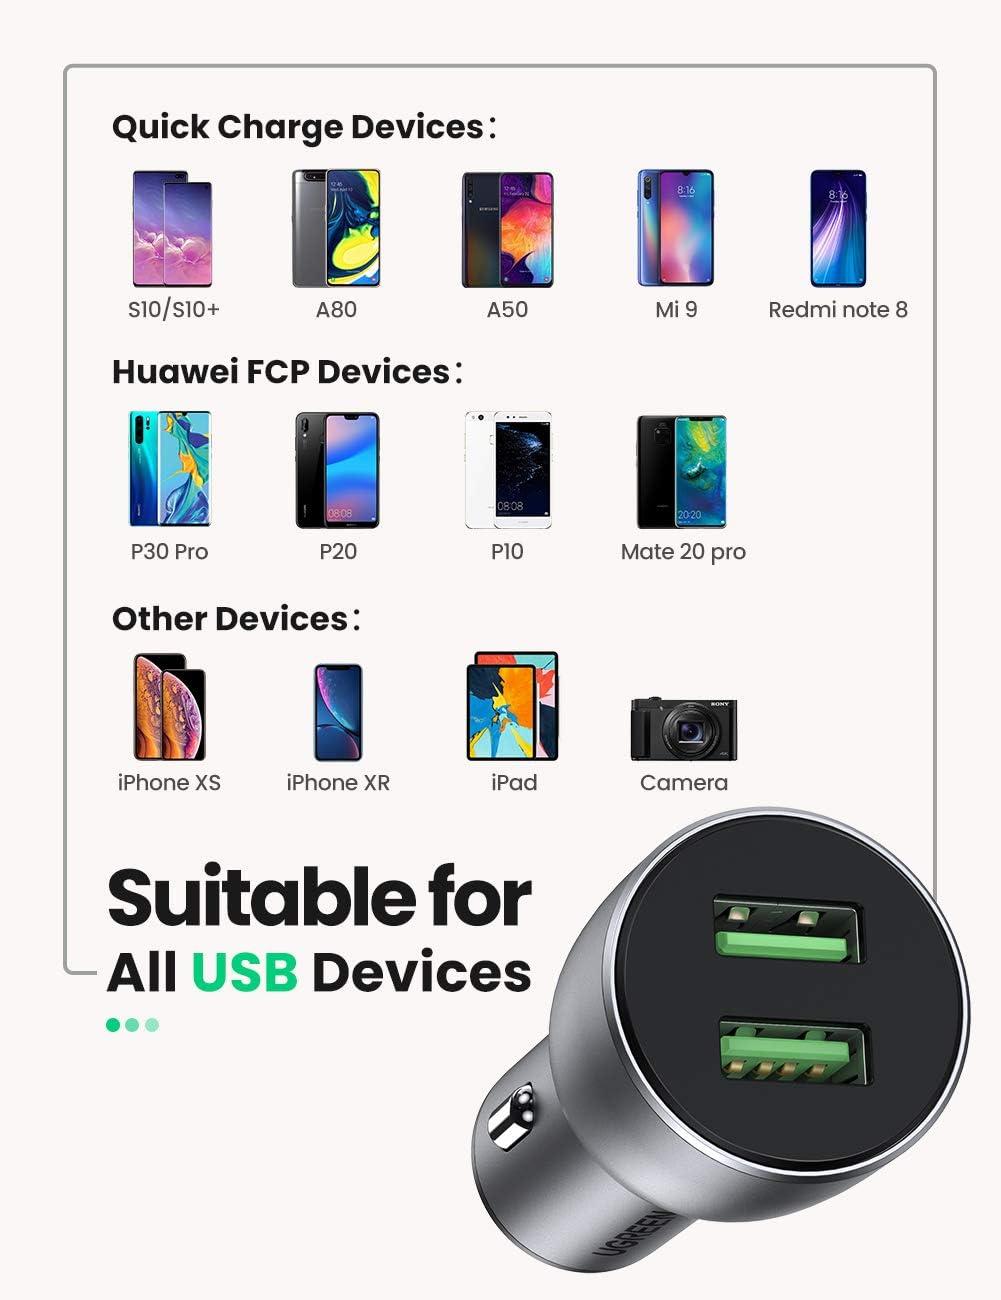 UGREEN Cargador Coche Carga R/ápida 36W Mini Cargador de Coche para iPhone11 X 8 Samsung S10 Huawei P30 Mate 20 etc Quick Charge 3.0 Doble USB Puerto Cargador M/óvil para Coche Multiple Protecci/ón